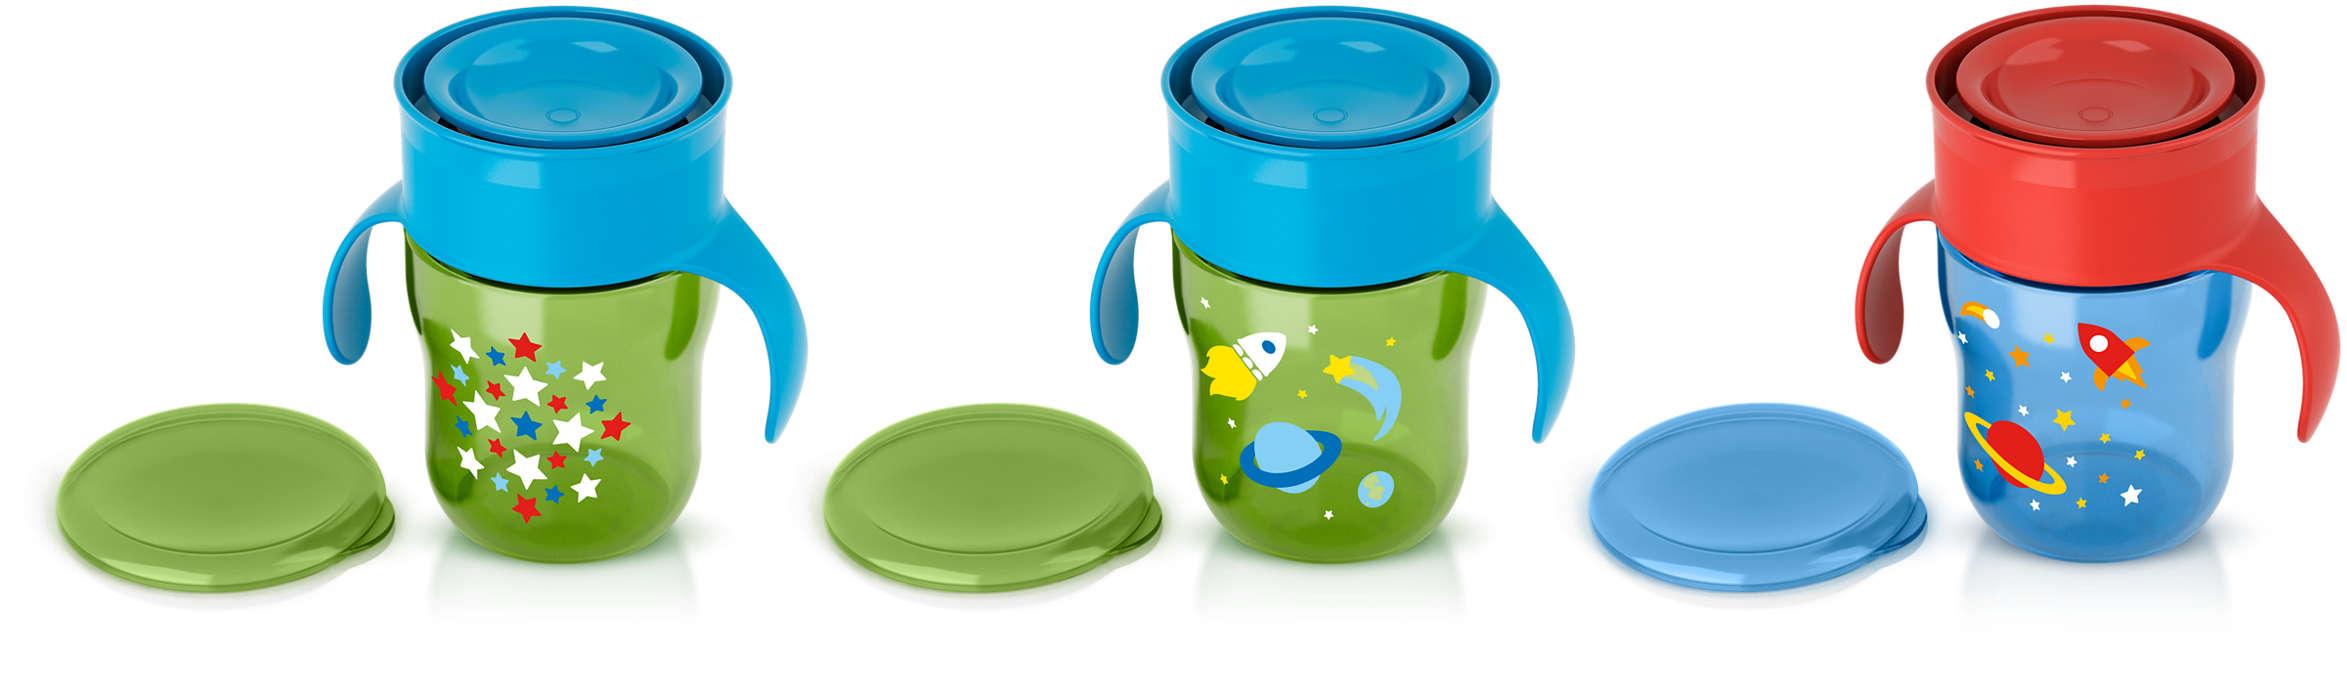 Aide l'enfant à apprendre à boire comme un grand